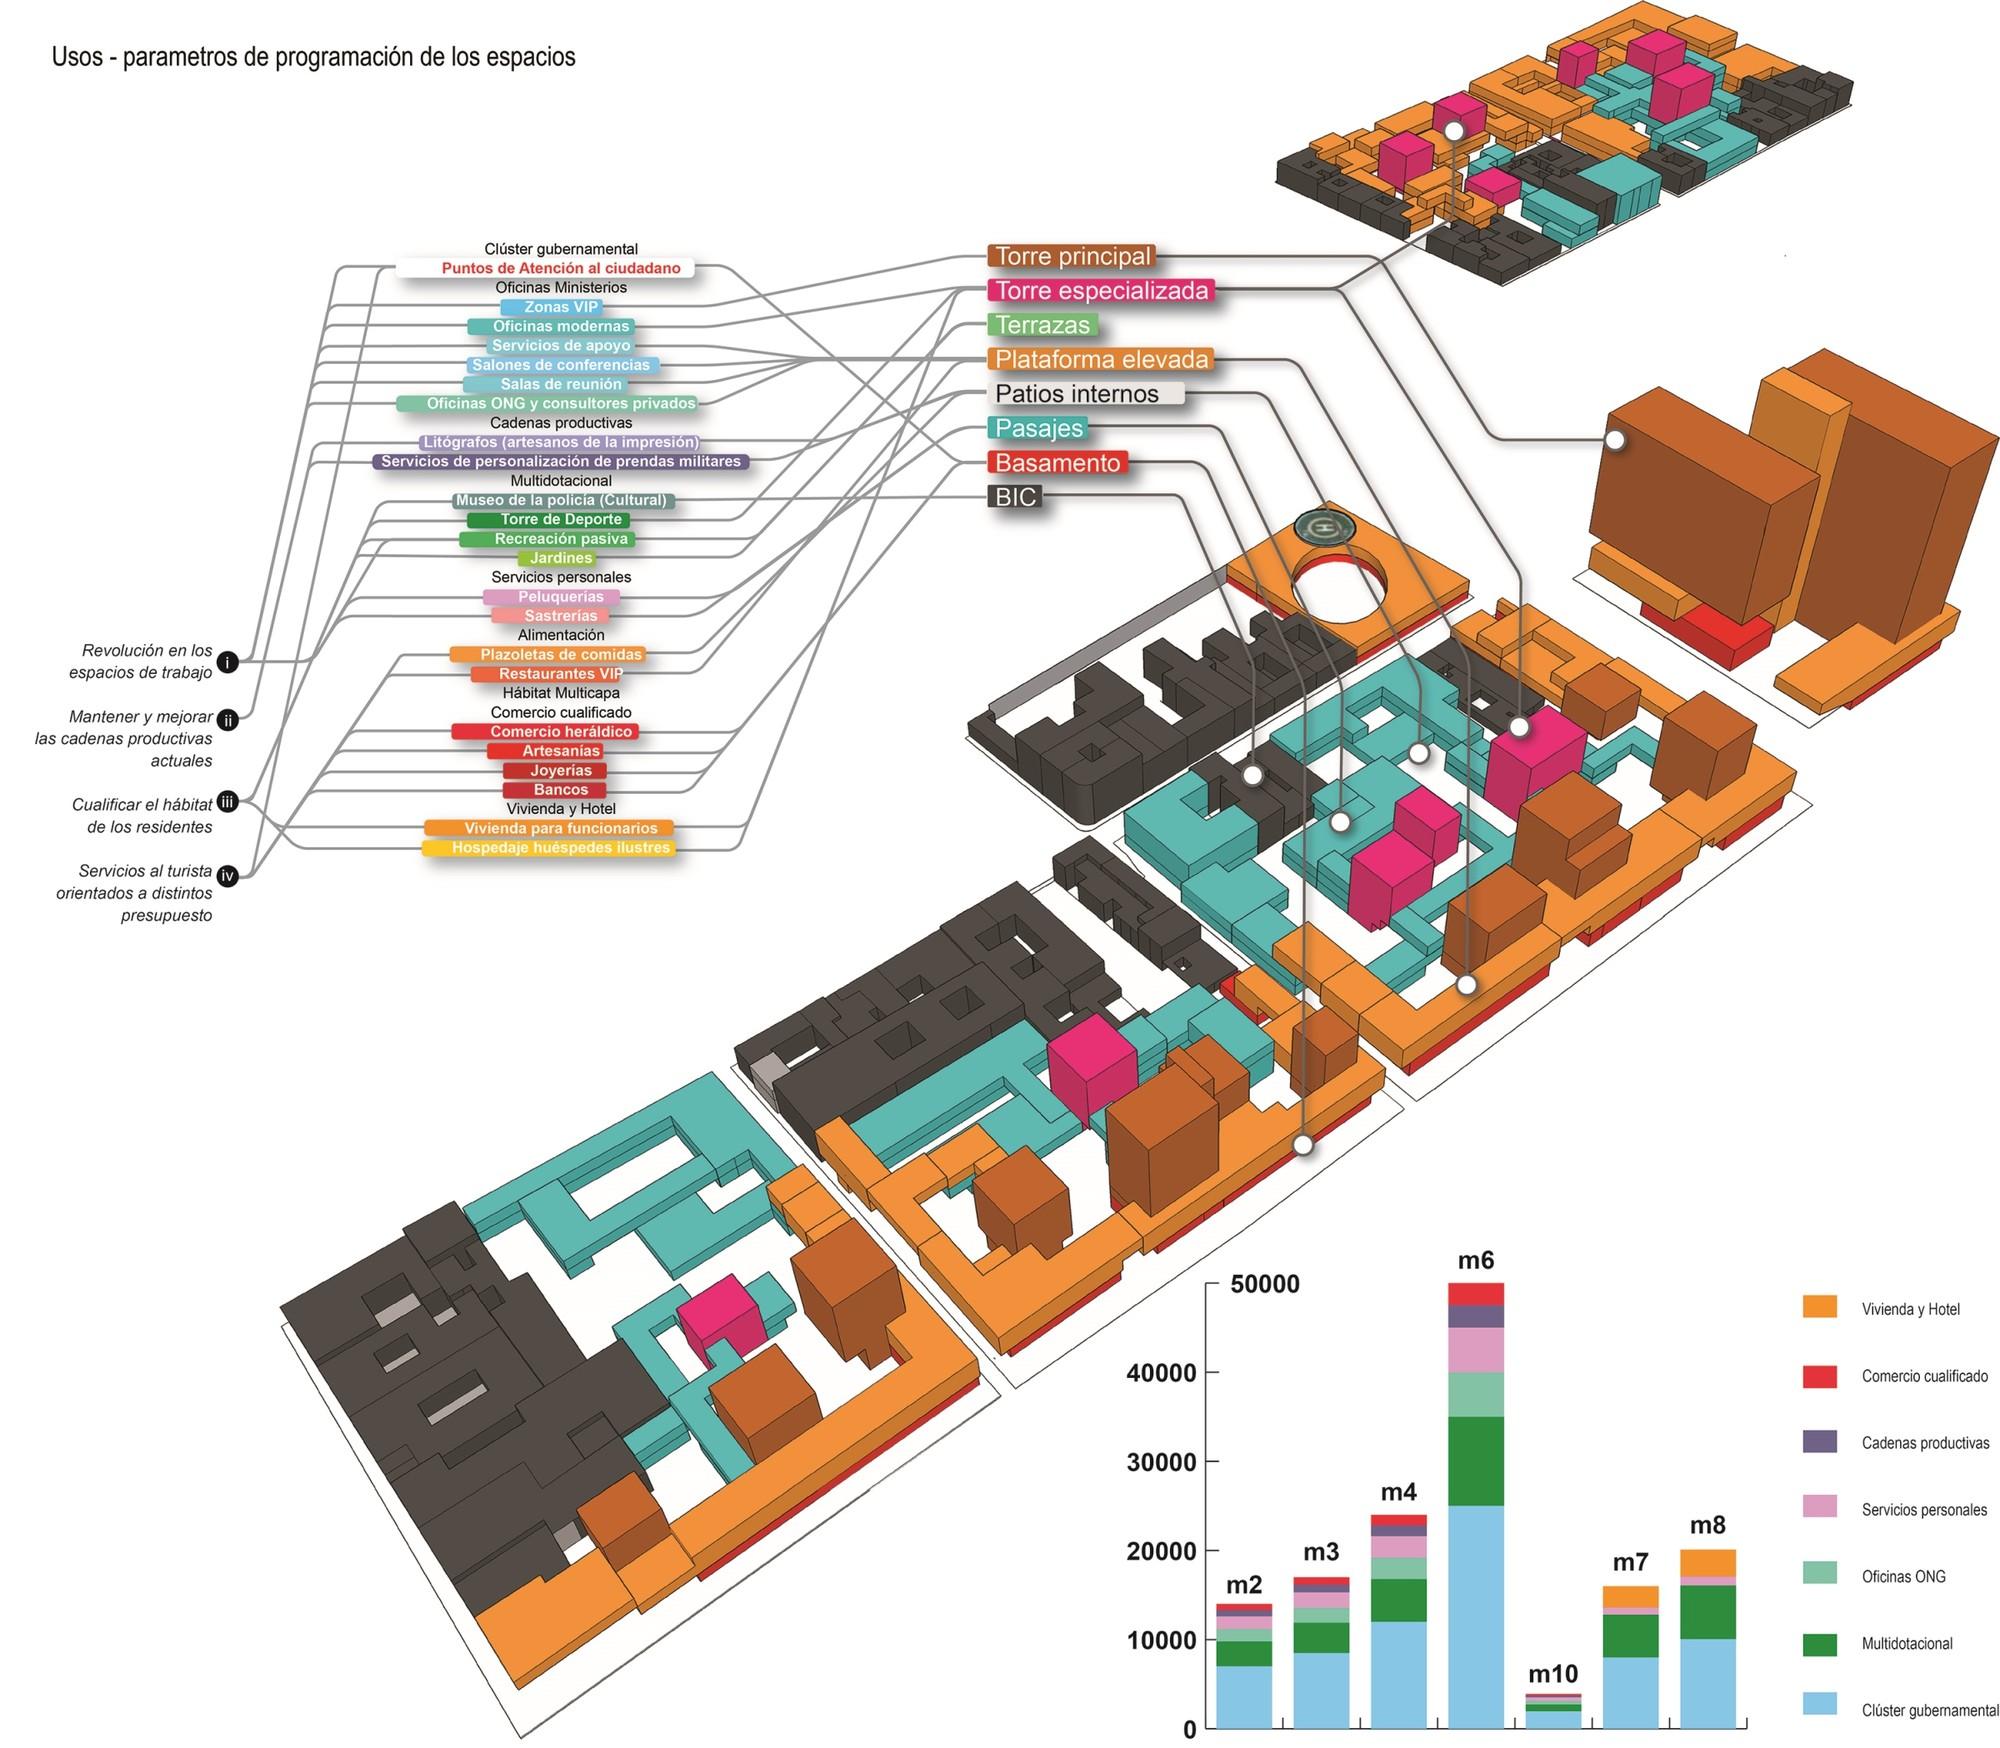 Usos programáticos. Image Courtesy of JAC Arquitectos